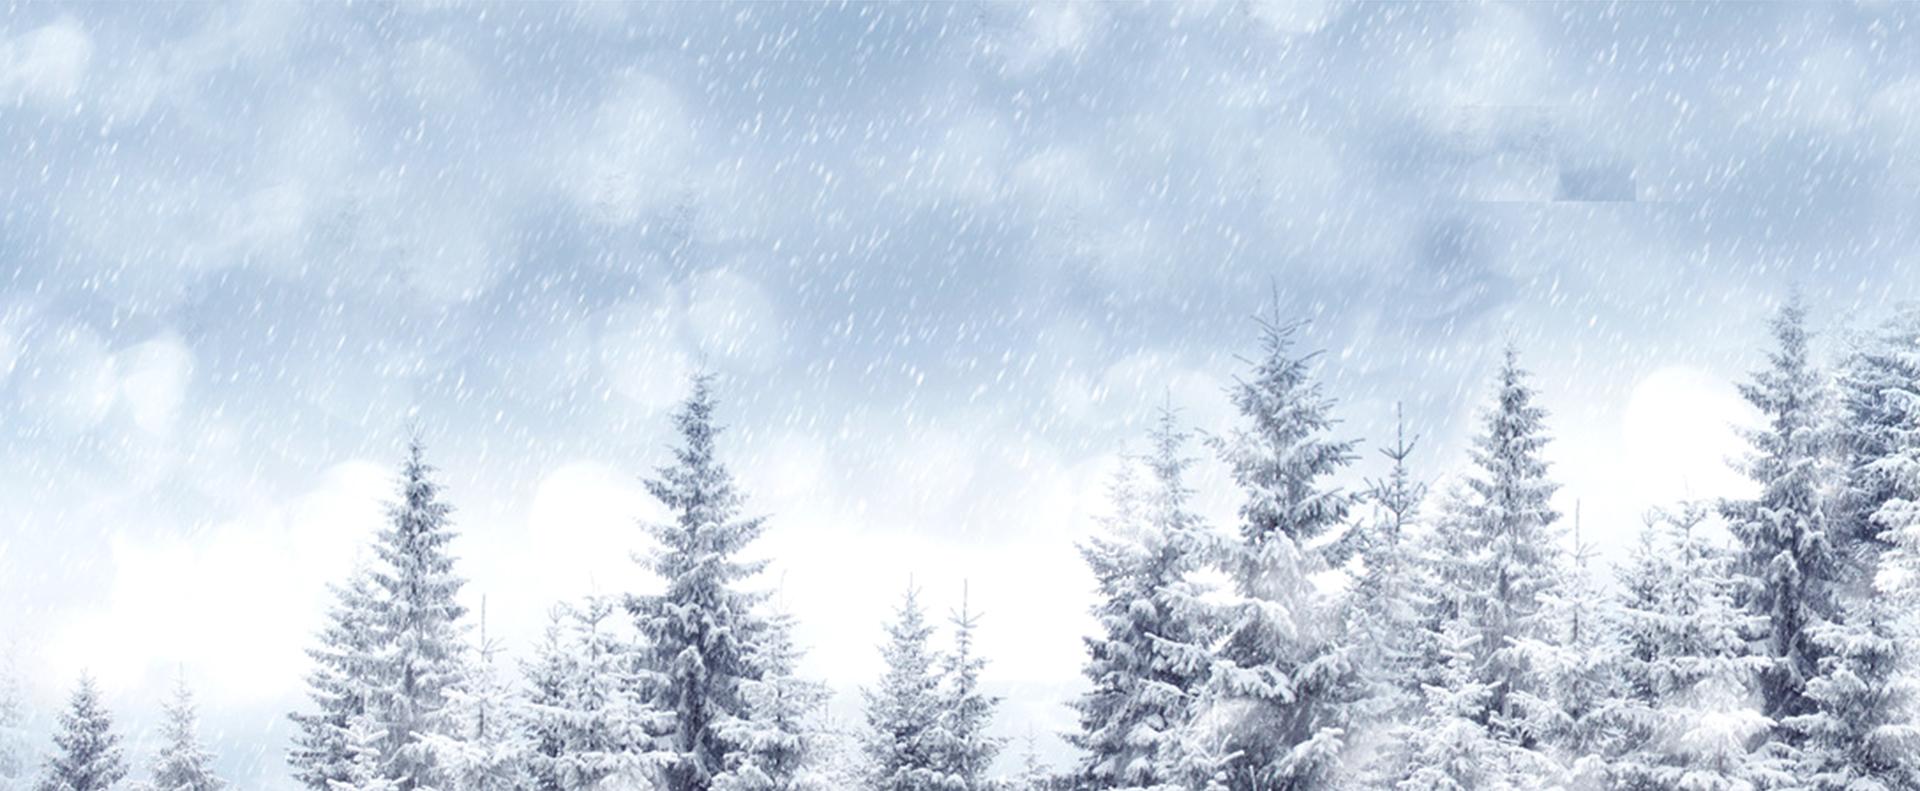 呼和浩特昨日一天一夜的雪.... - e站小伙伴 - e站小伙伴